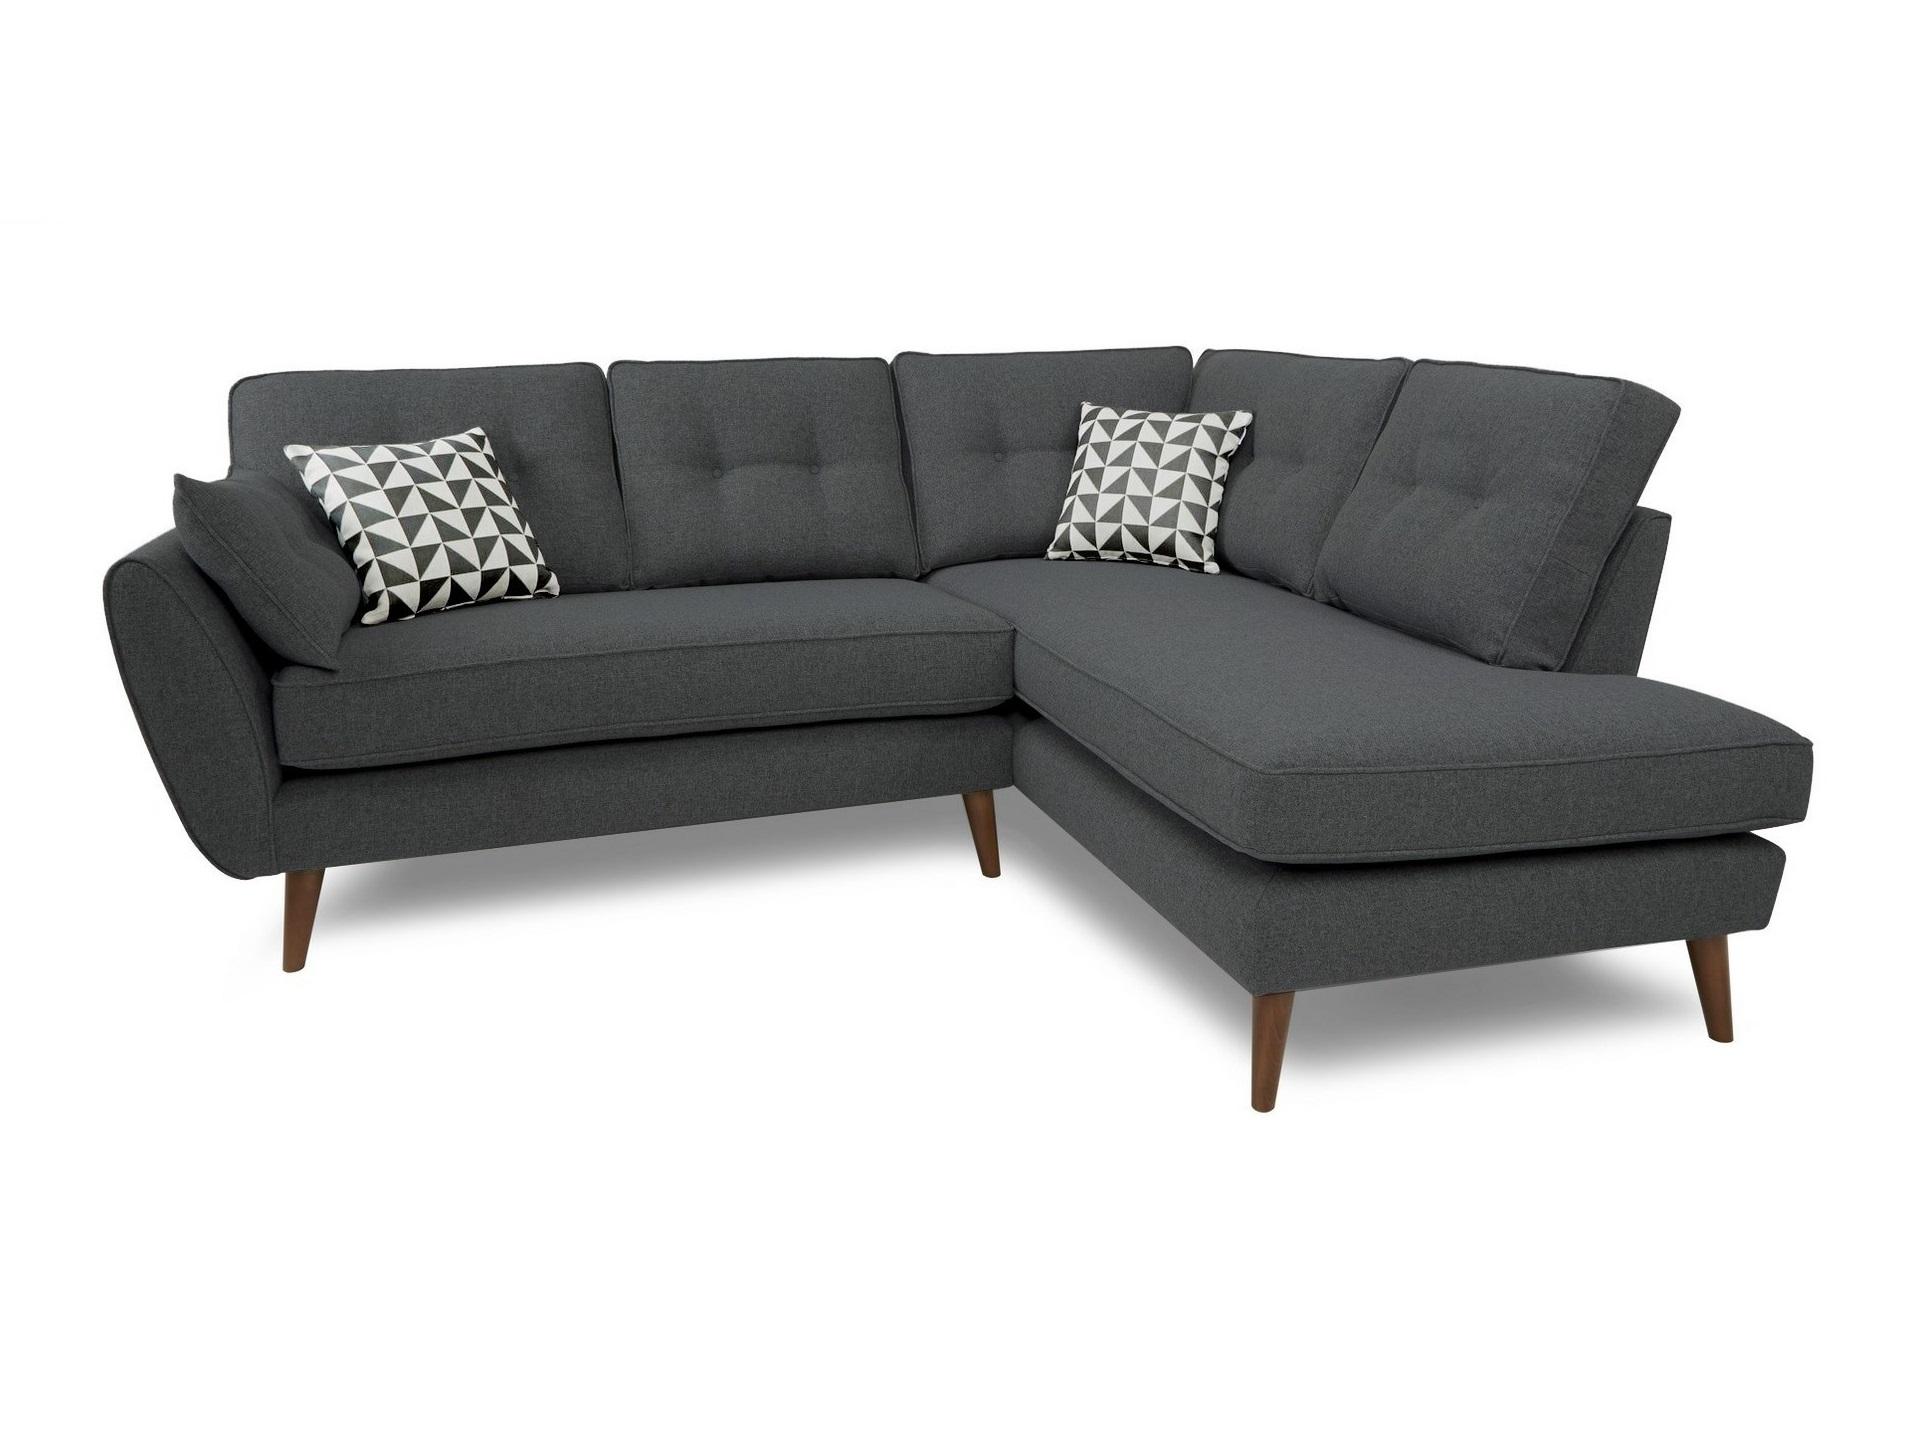 Угловой диван VogueУгловые диваны<br>Современный диван с легким намеком на &amp;quot;ретро&amp;quot; идеально подойдет для городских квартир. У него скругленные подлокотники, упругие подушки и как раз та длина, чтобы вы могли вытянуться в полный рост. &amp;amp;nbsp;Но благодаря высоким ножкам &amp;quot;Vogue&amp;quot; выглядит лаконично и элегантно.&amp;lt;div&amp;gt;&amp;lt;br&amp;gt;&amp;lt;/div&amp;gt;&amp;lt;div&amp;gt;Корпус: фанера, брус&amp;lt;div&amp;gt;Ткань 100% полиэстер, 30-50 000 циклов&amp;lt;/div&amp;gt;&amp;lt;div&amp;gt;Ширина сторон: 227х182 см&amp;lt;/div&amp;gt;&amp;lt;div&amp;gt;Ножки (Дерево)&amp;lt;/div&amp;gt;&amp;lt;div&amp;gt;&amp;lt;span style=&amp;quot;font-weight: 700;&amp;quot;&amp;gt;При заказе уточняйте сторону угла (левый или правый)!&amp;lt;/span&amp;gt;&amp;lt;/div&amp;gt;&amp;lt;div&amp;gt;Еcть возможность изготовления в другом материале обивки&amp;lt;/div&amp;gt;&amp;lt;/div&amp;gt;<br><br>Material: Текстиль<br>Width см: 227<br>Depth см: 182<br>Height см: 88